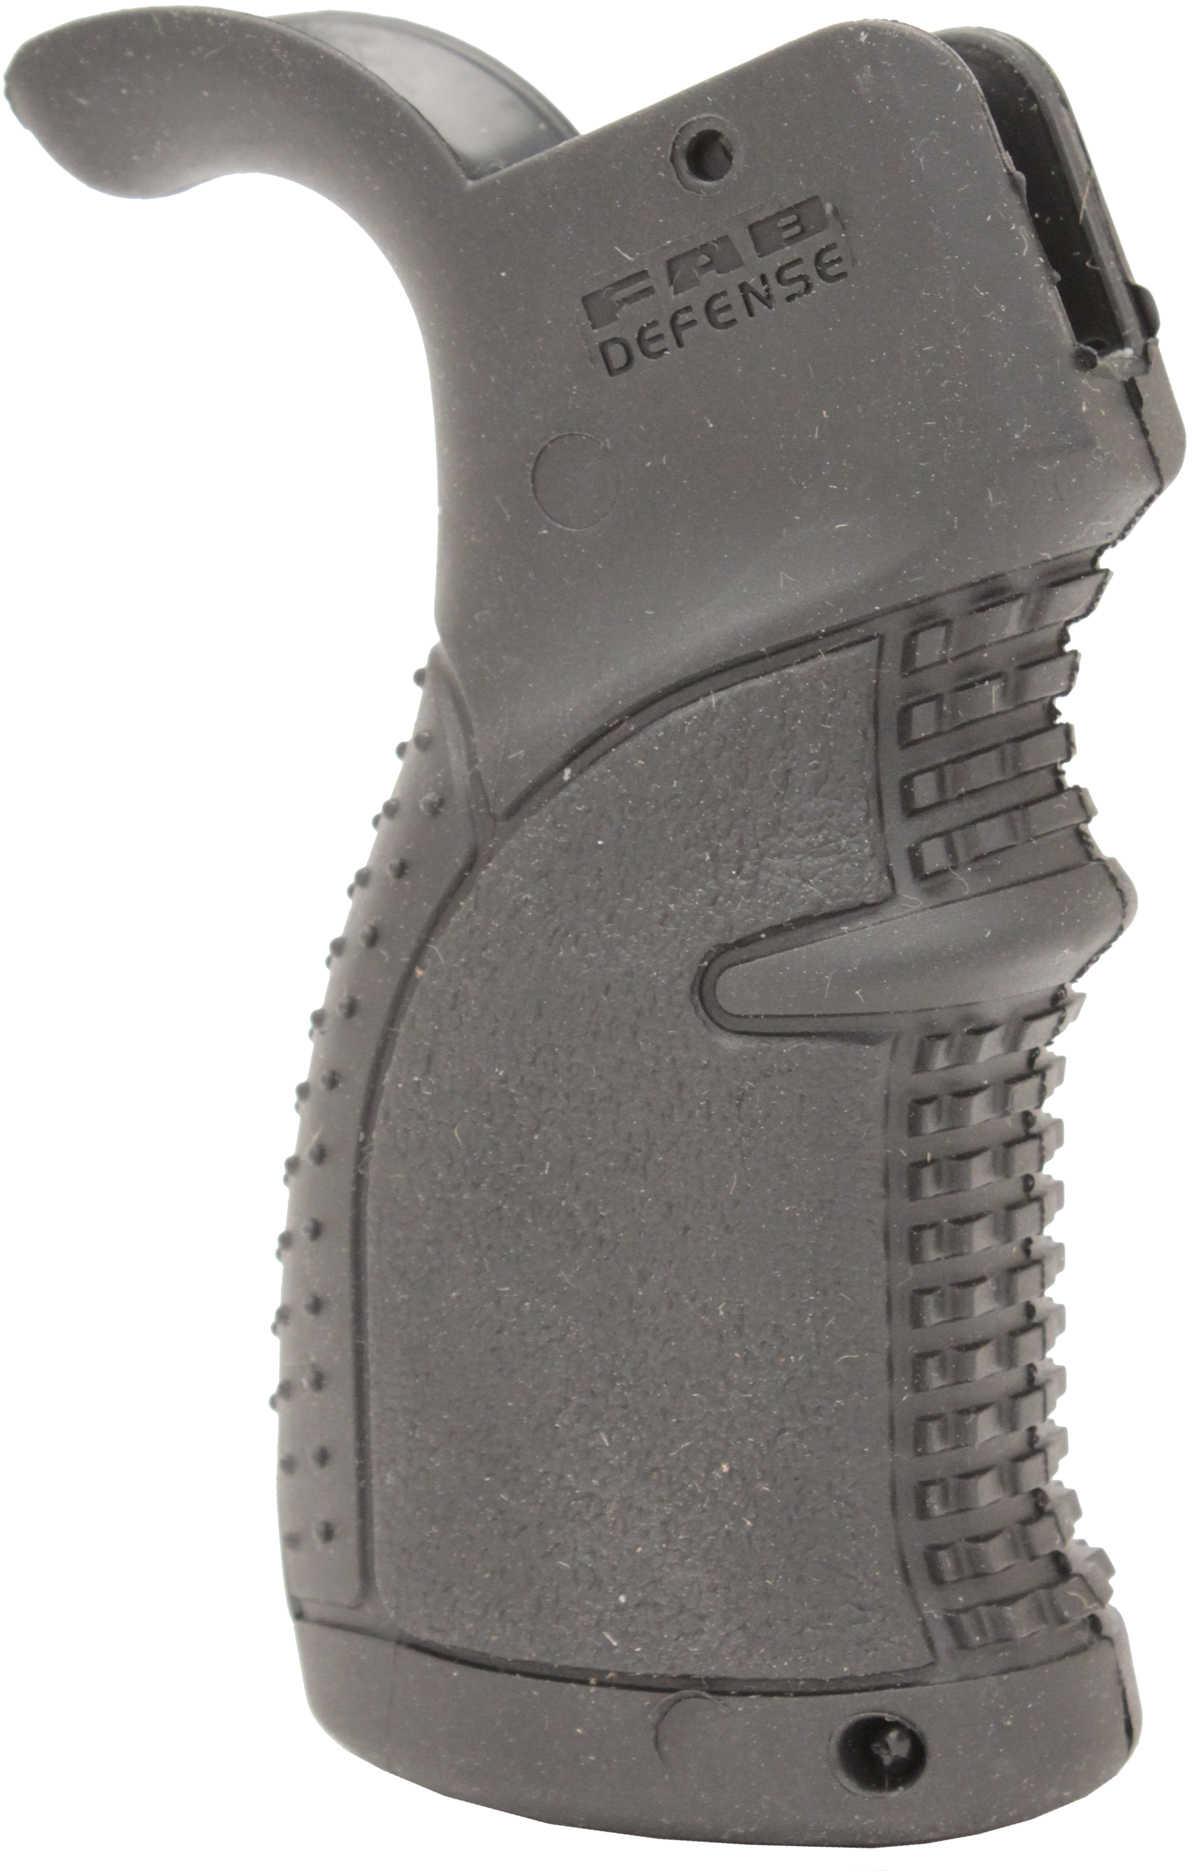 Mako Group Rubberized Ergonomic Pistol Grip for AR15 Black AGR-43-B